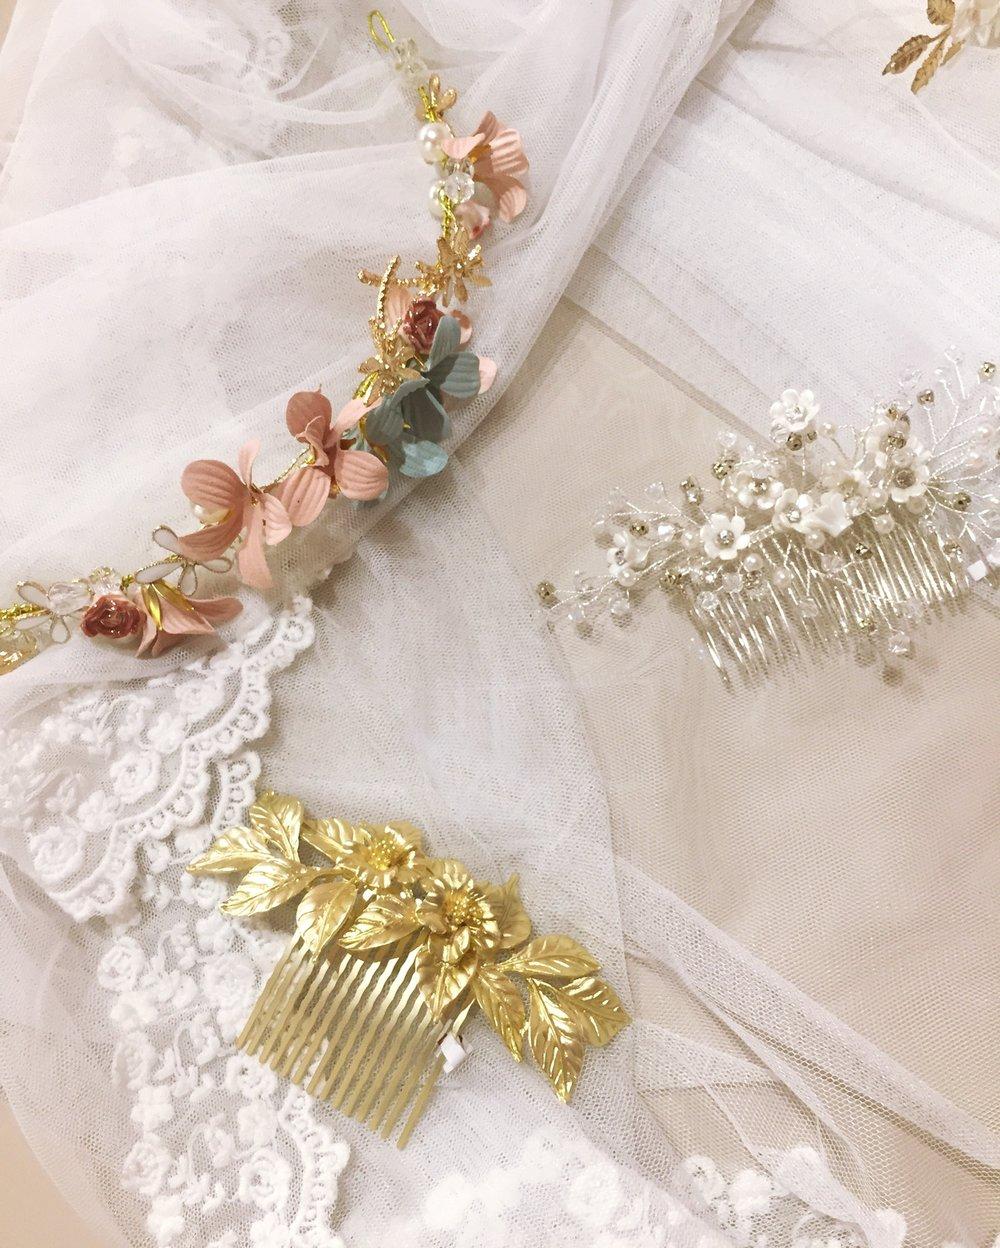 Detalle de la selección de tiaras y apliques para darle el toque final al peinado de novias románticas.